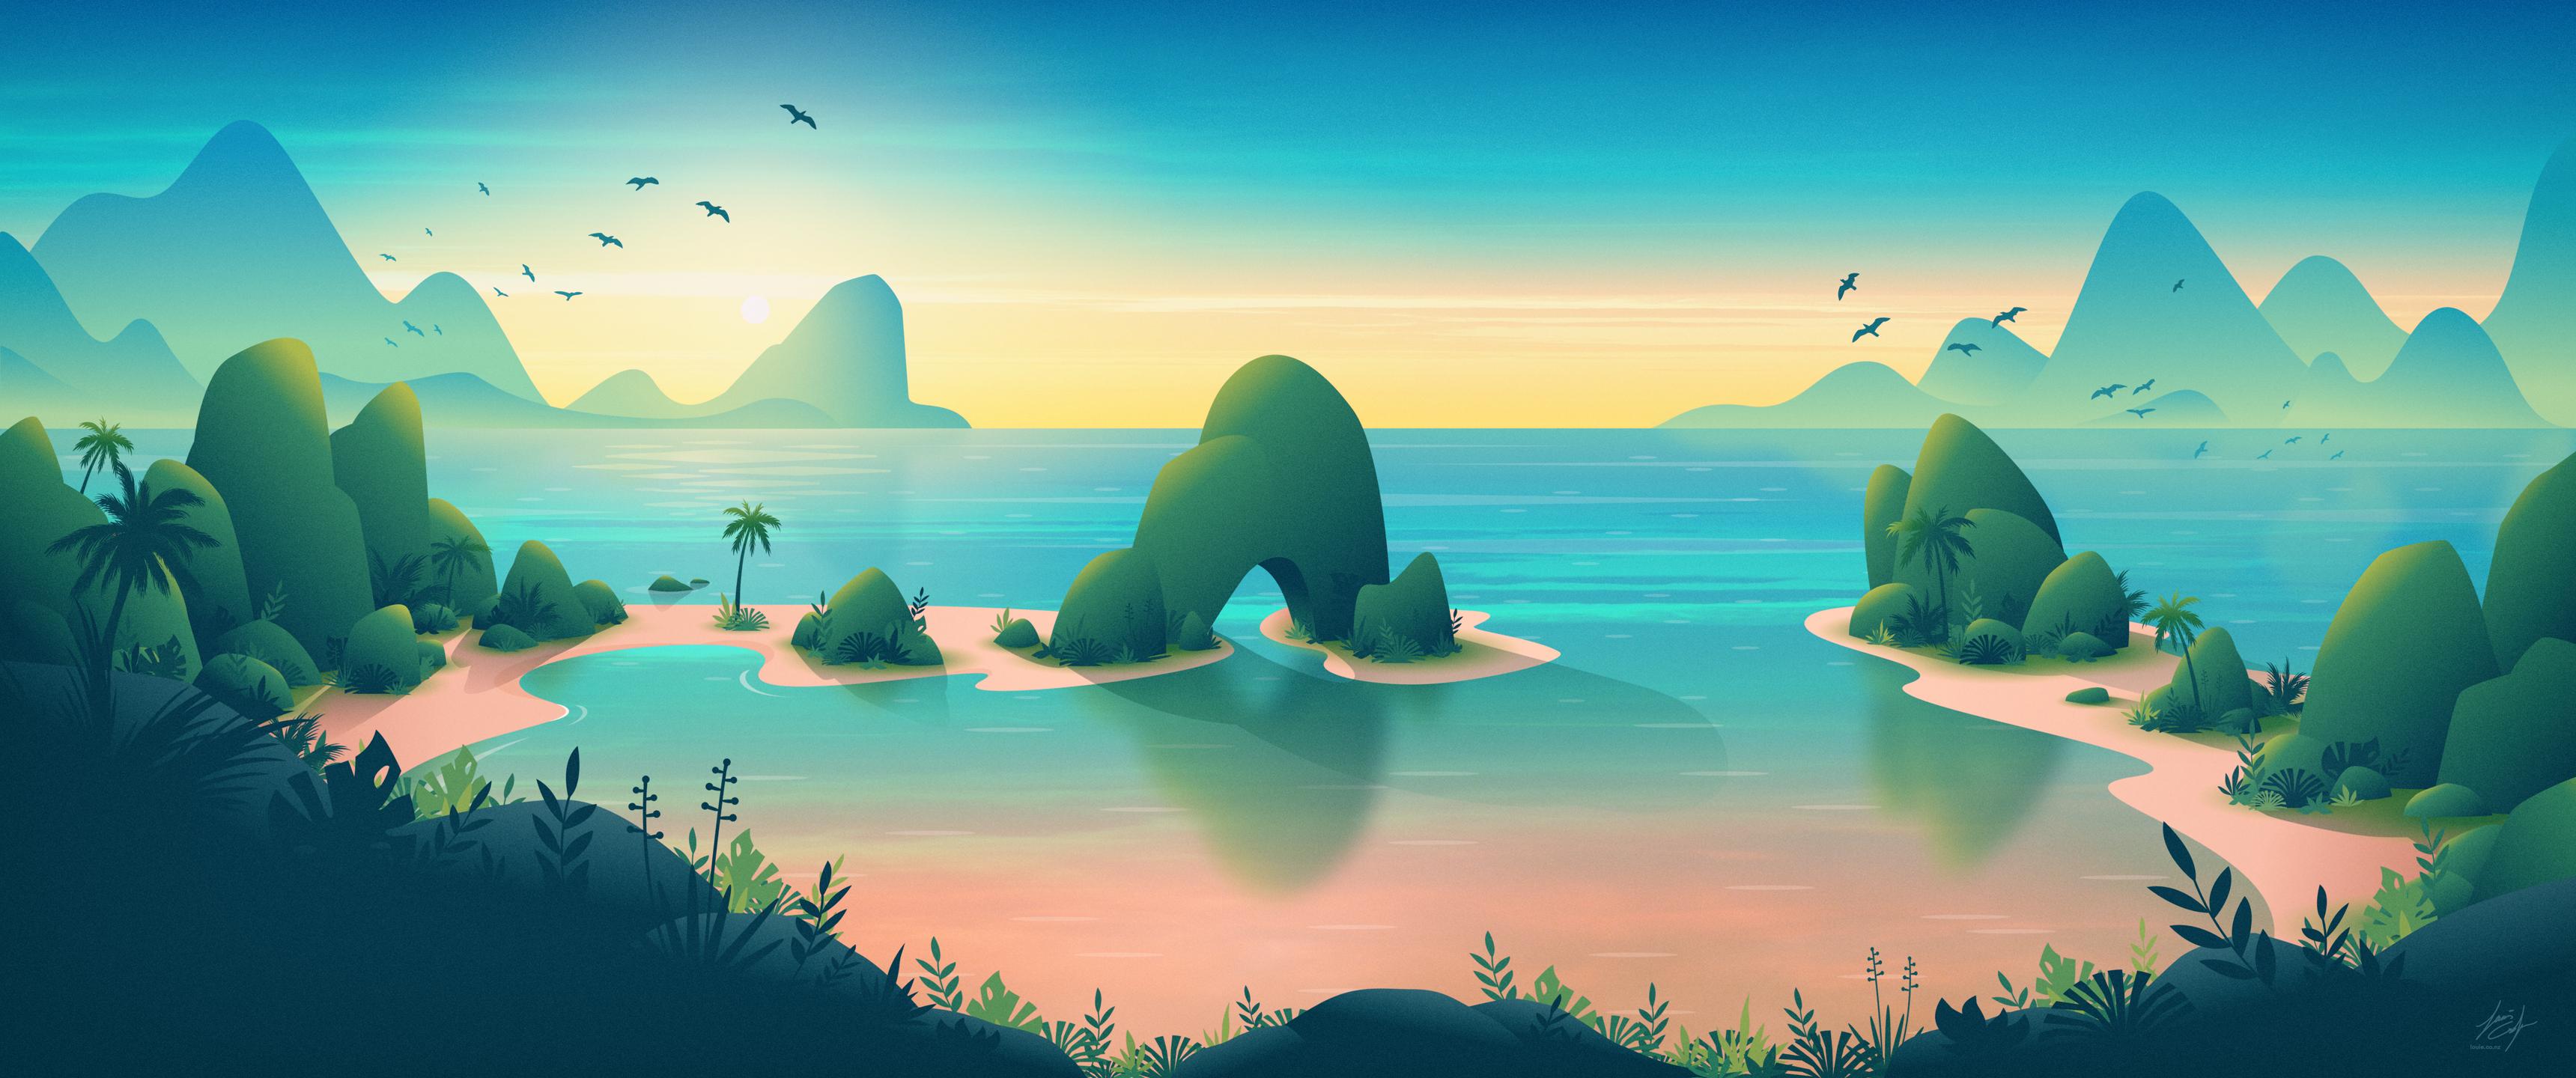 Tropical Escape Hd Wallpaper